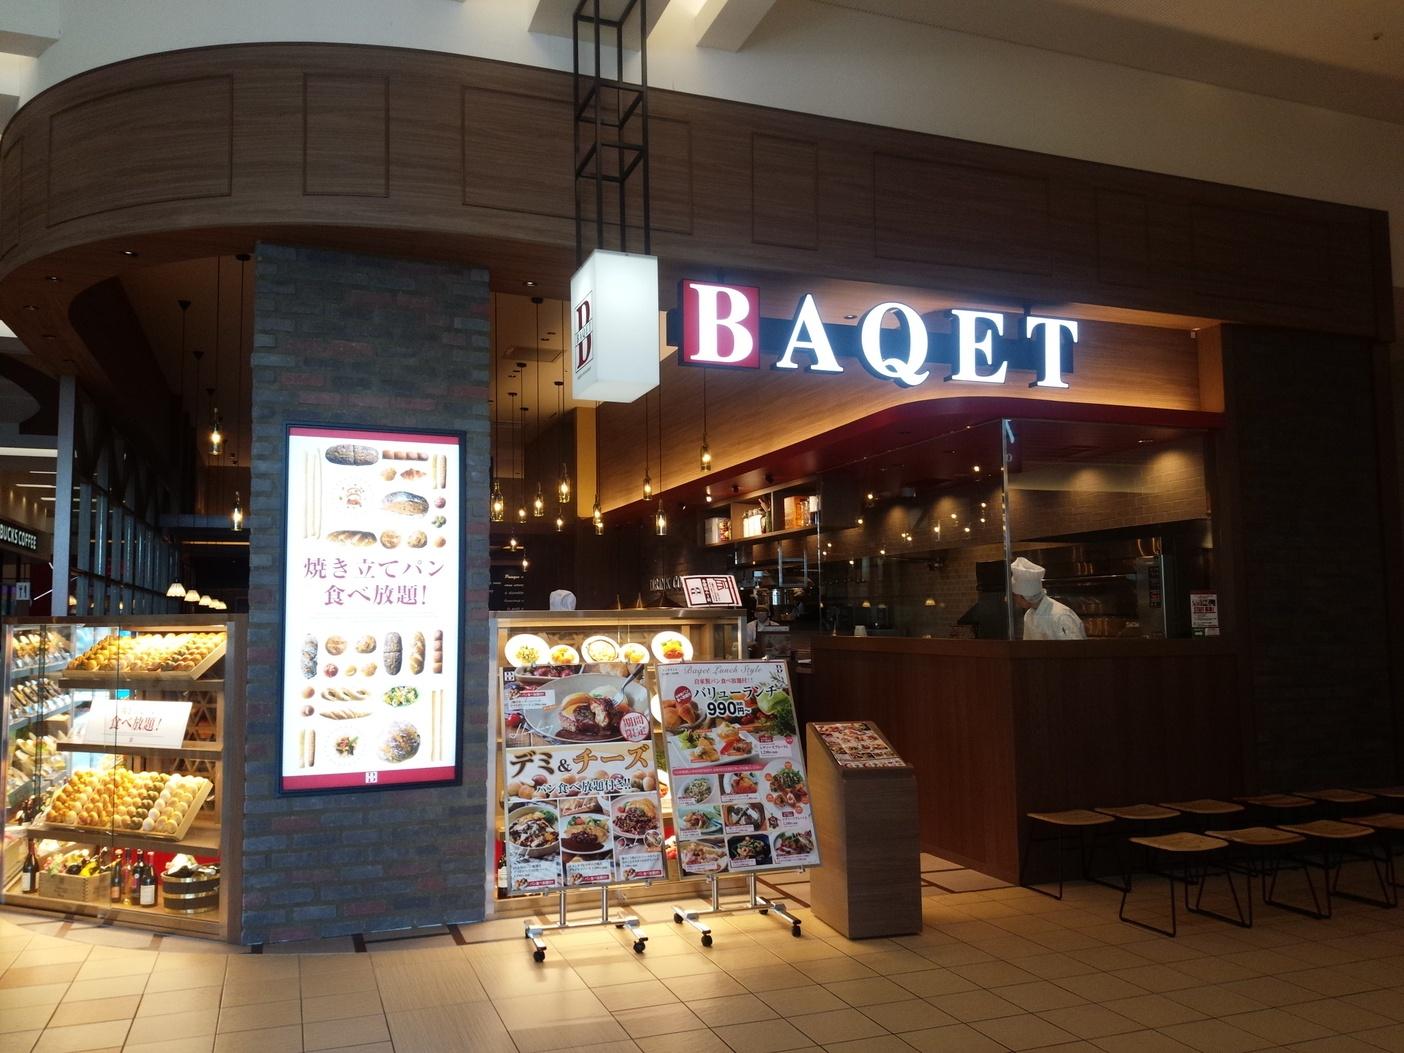 BAQET イオンモール土浦店